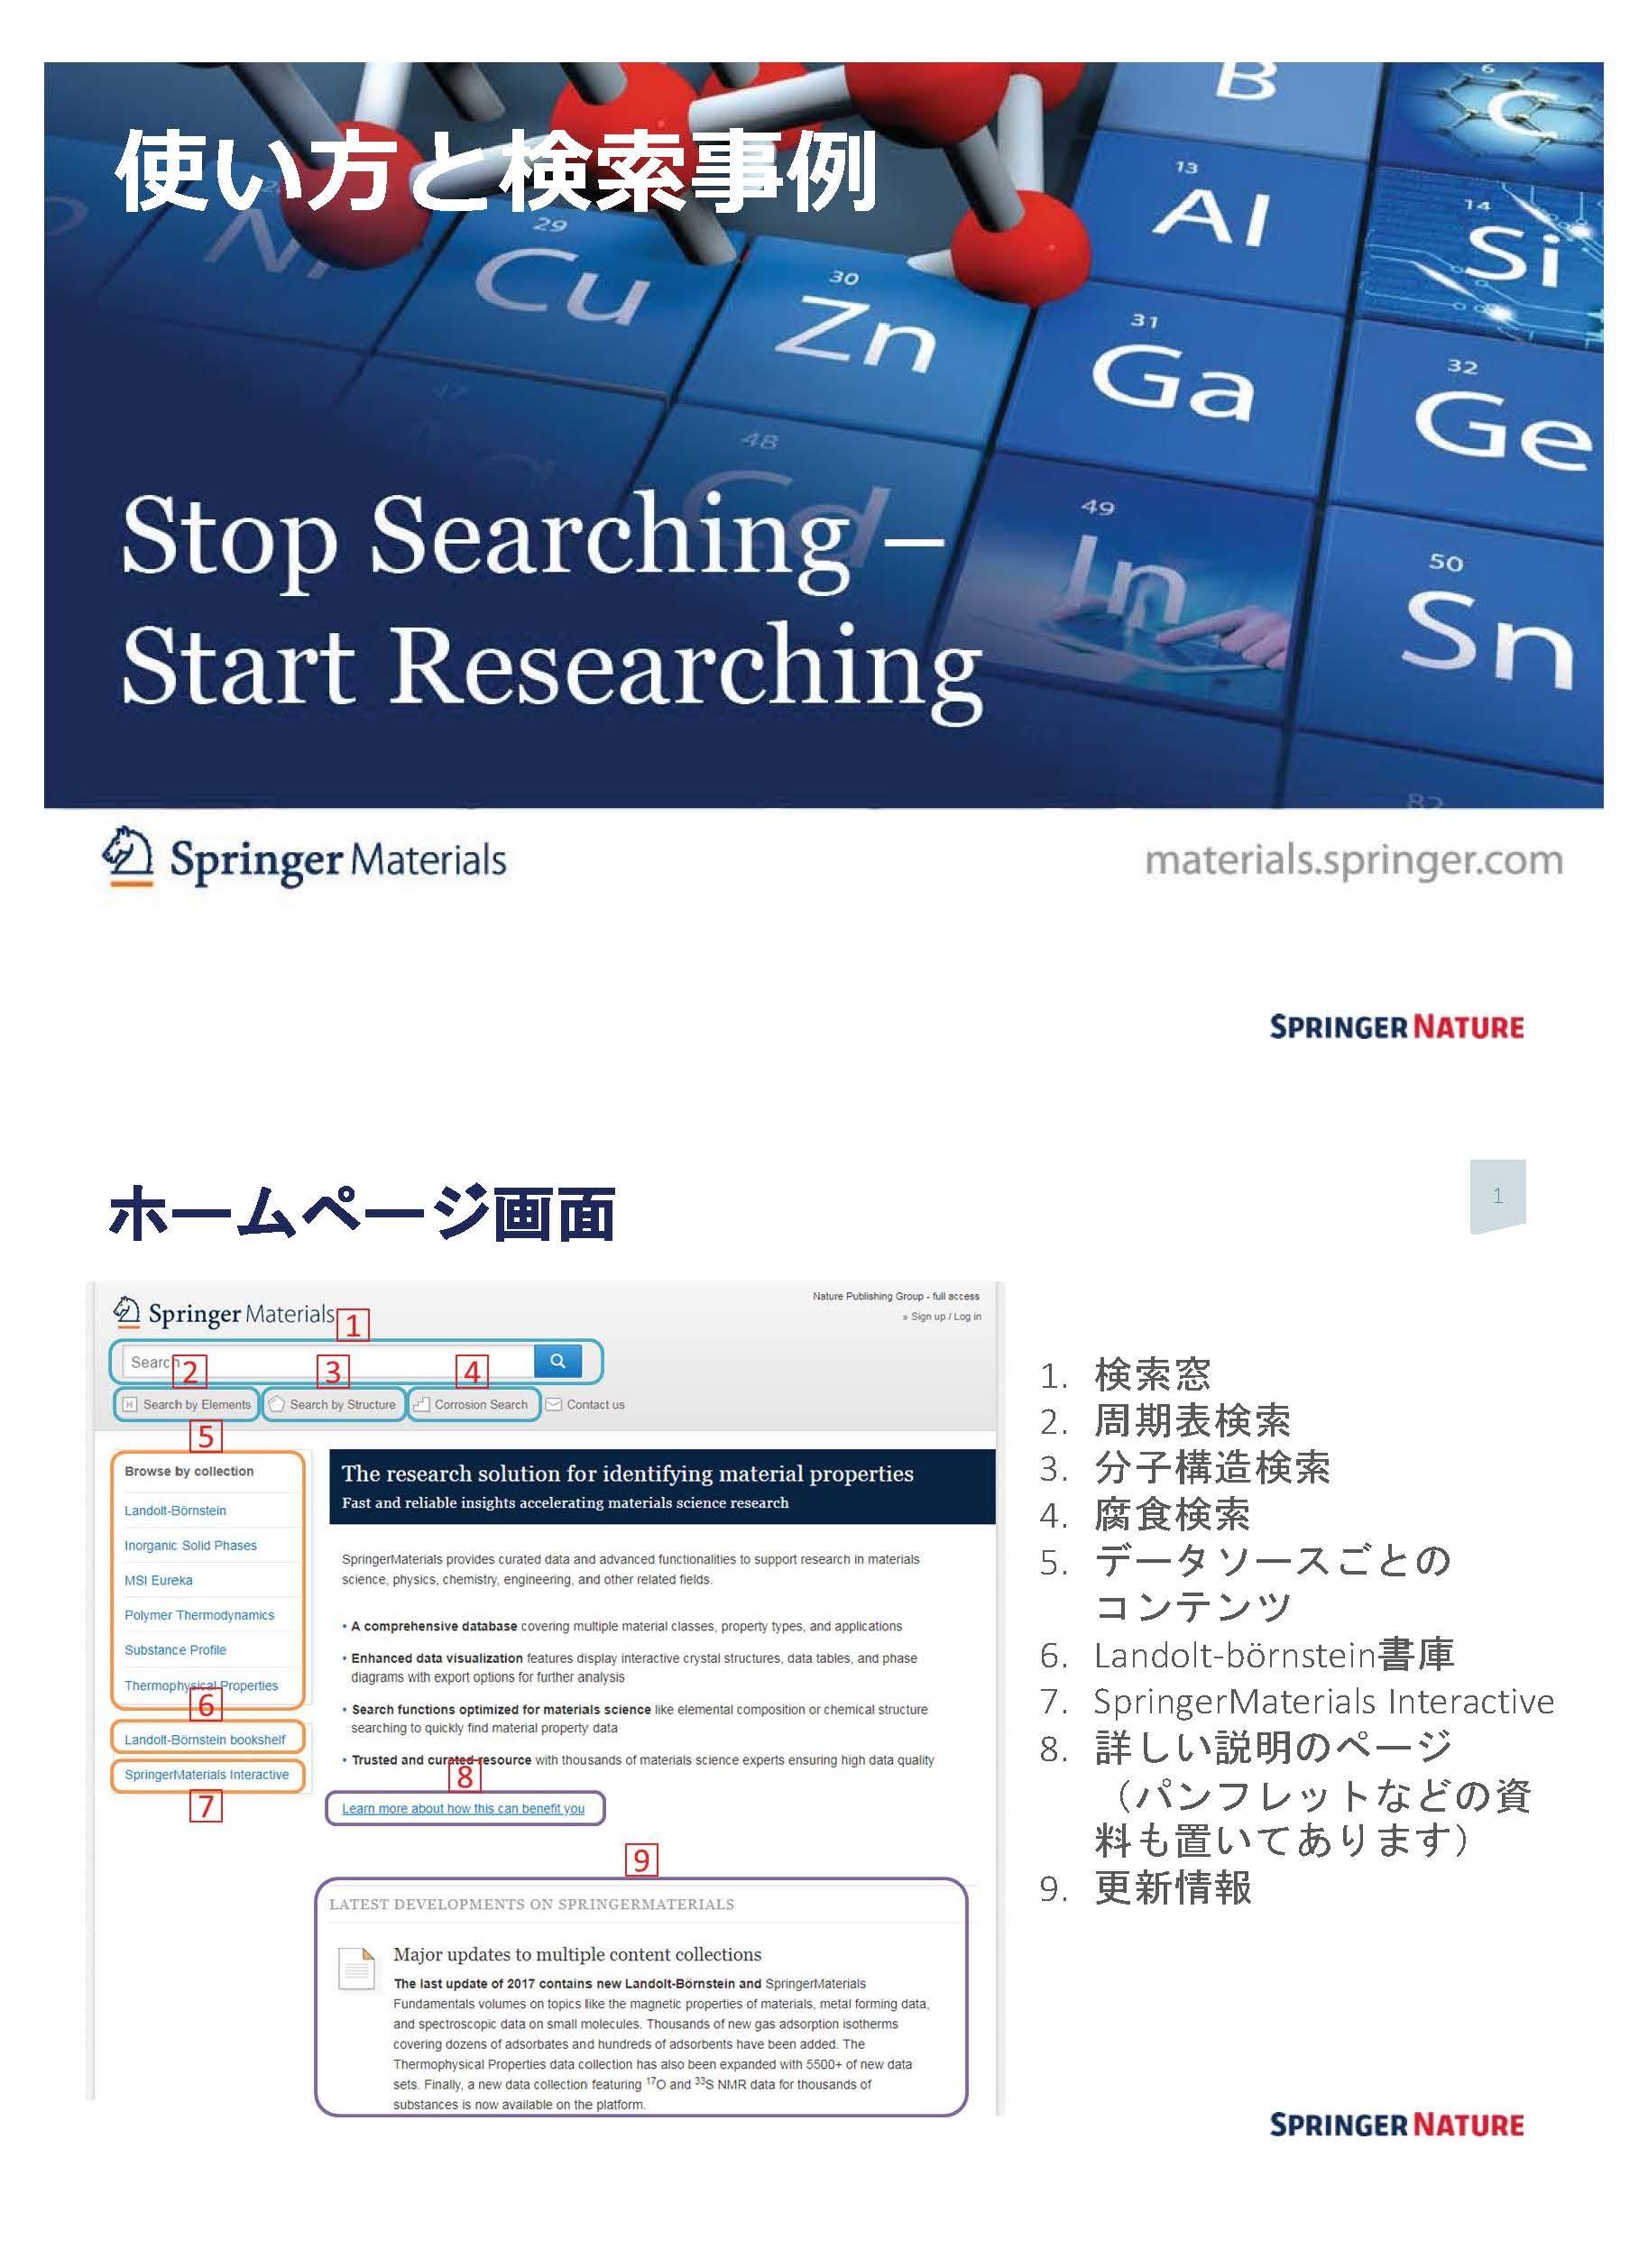 SpringerMaterials検索事例